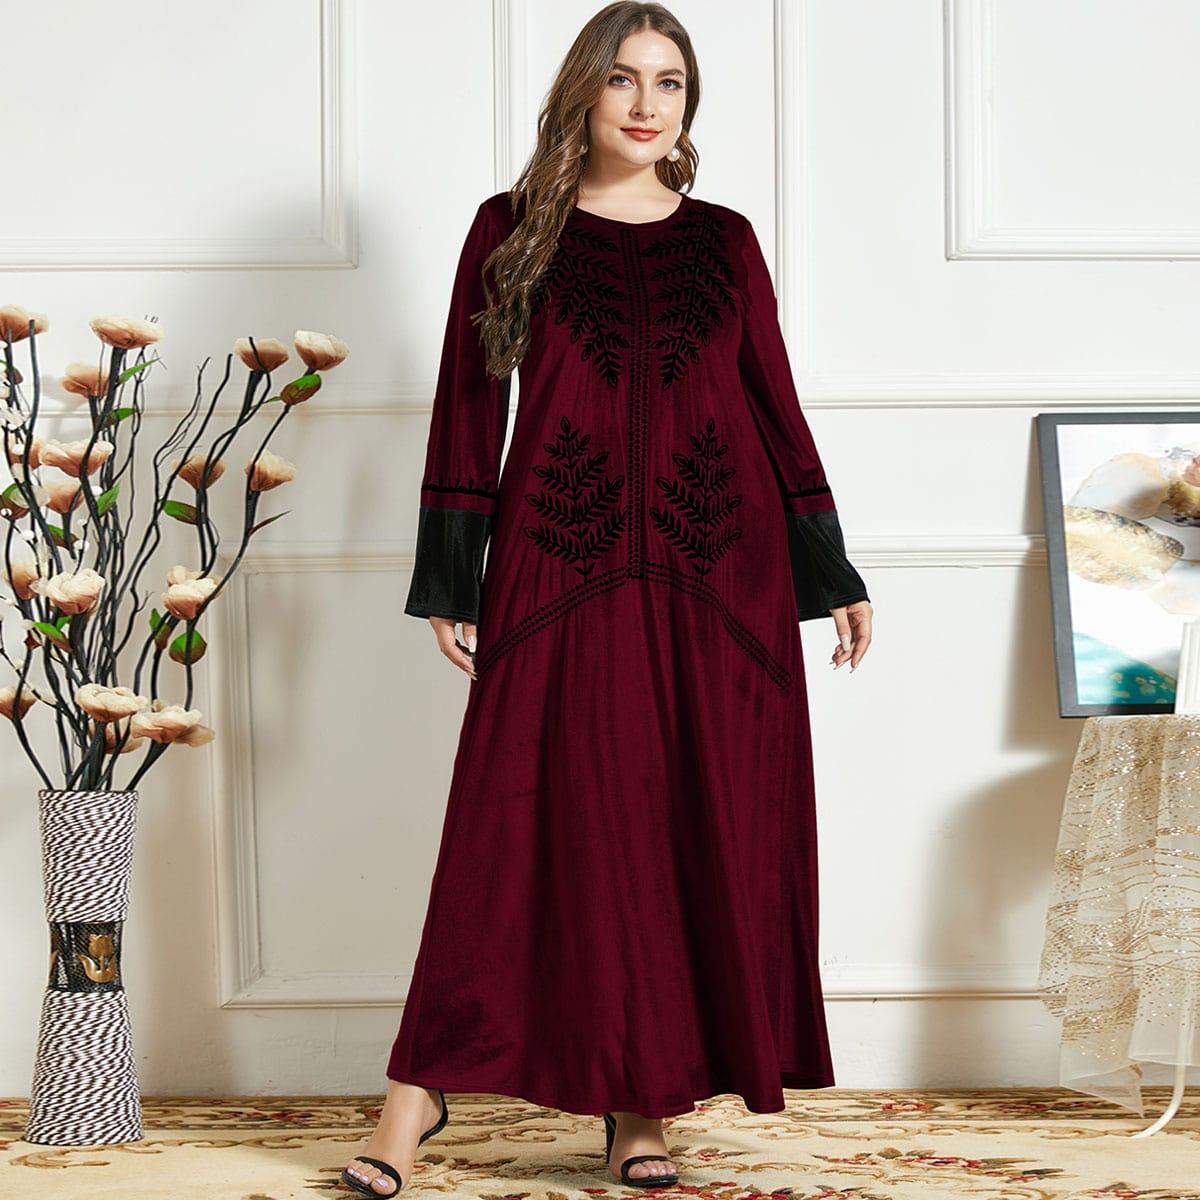 Бархатное платье размера плюс с вышивкой листьев